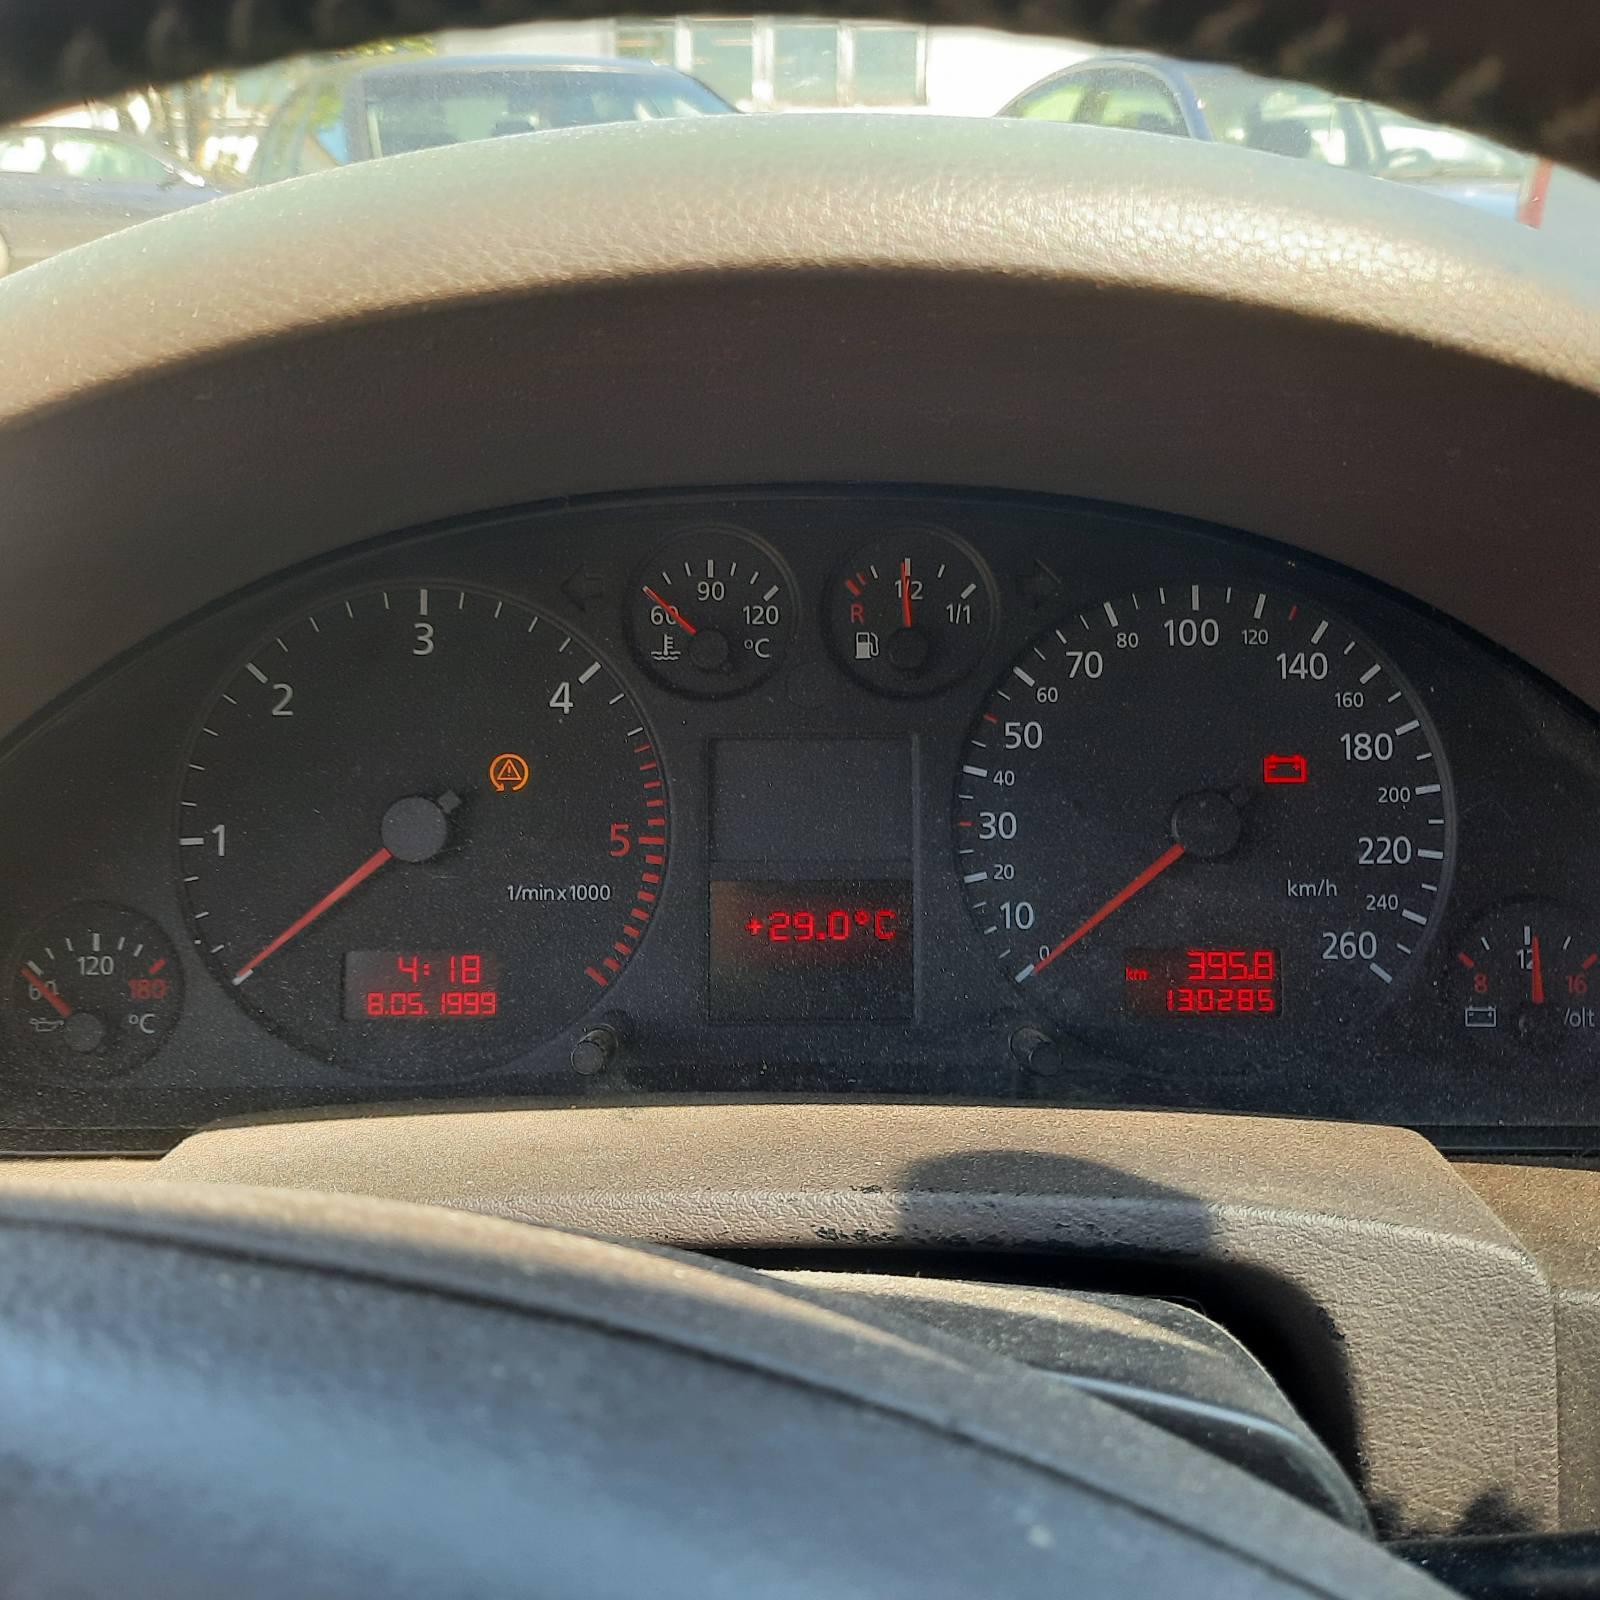 Подержанные Автозапчасти Audi A6 1999 2.5 машиностроение седан 4/5 d. синий 2021-6-16